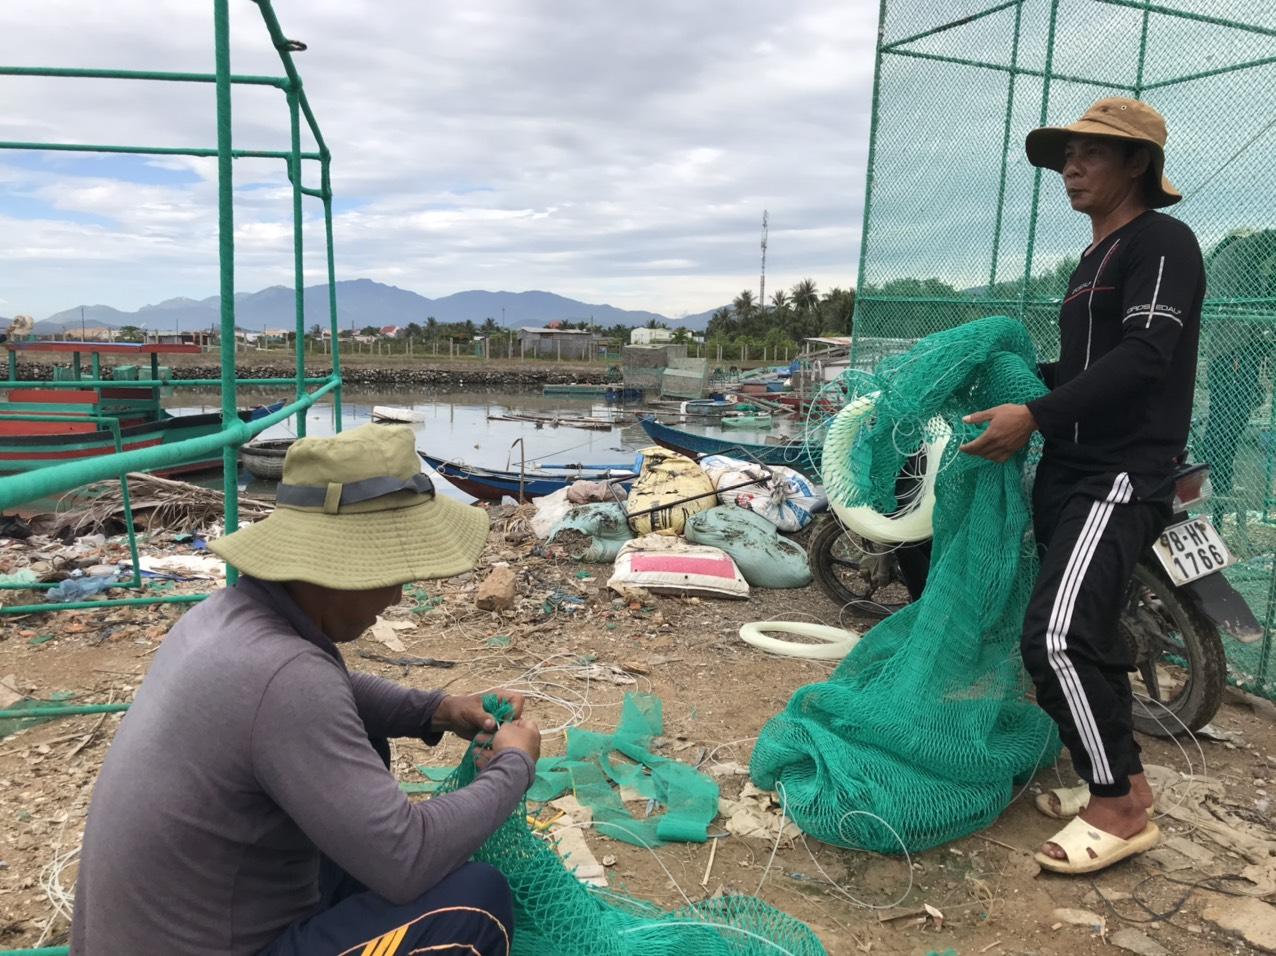 Khánh Hòa: Kiếm nửa triệu đồng/ngày nhờ nghề may lưới biển - Ảnh 1.